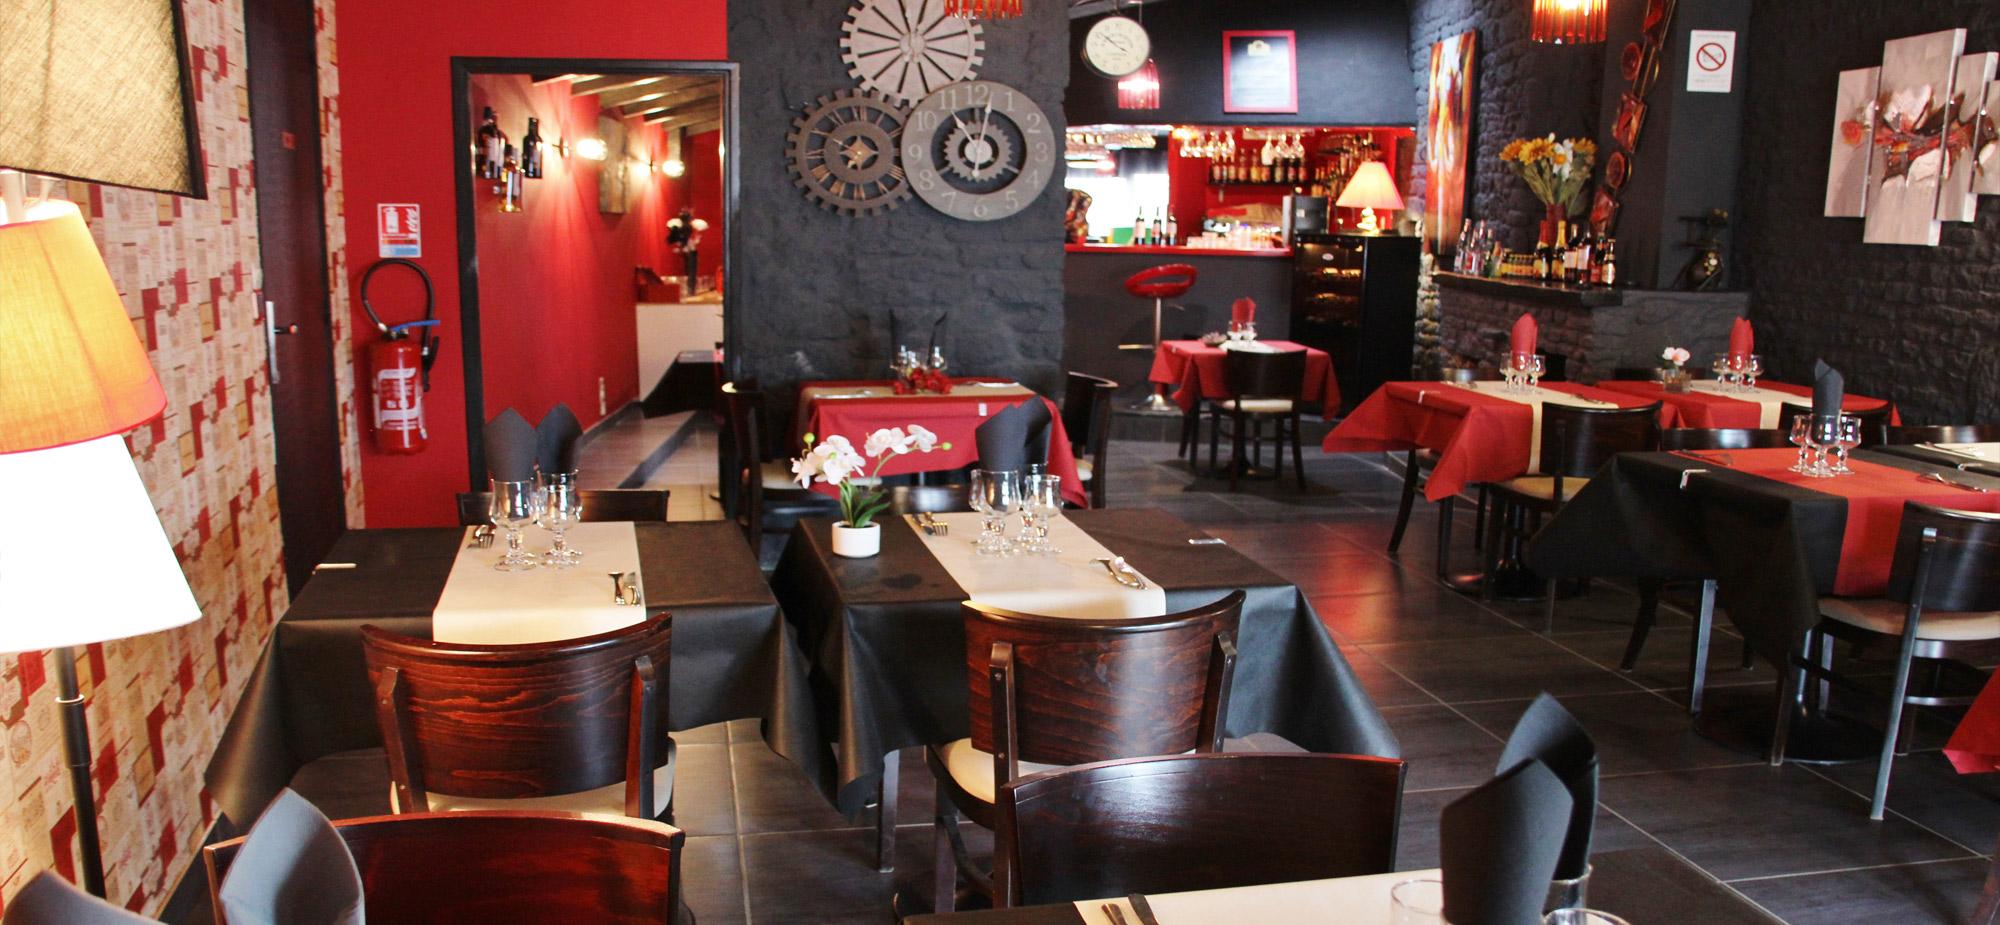 salle-restaurant-creperie-fleur-ble-noir-saint-pierre-oleron-17310